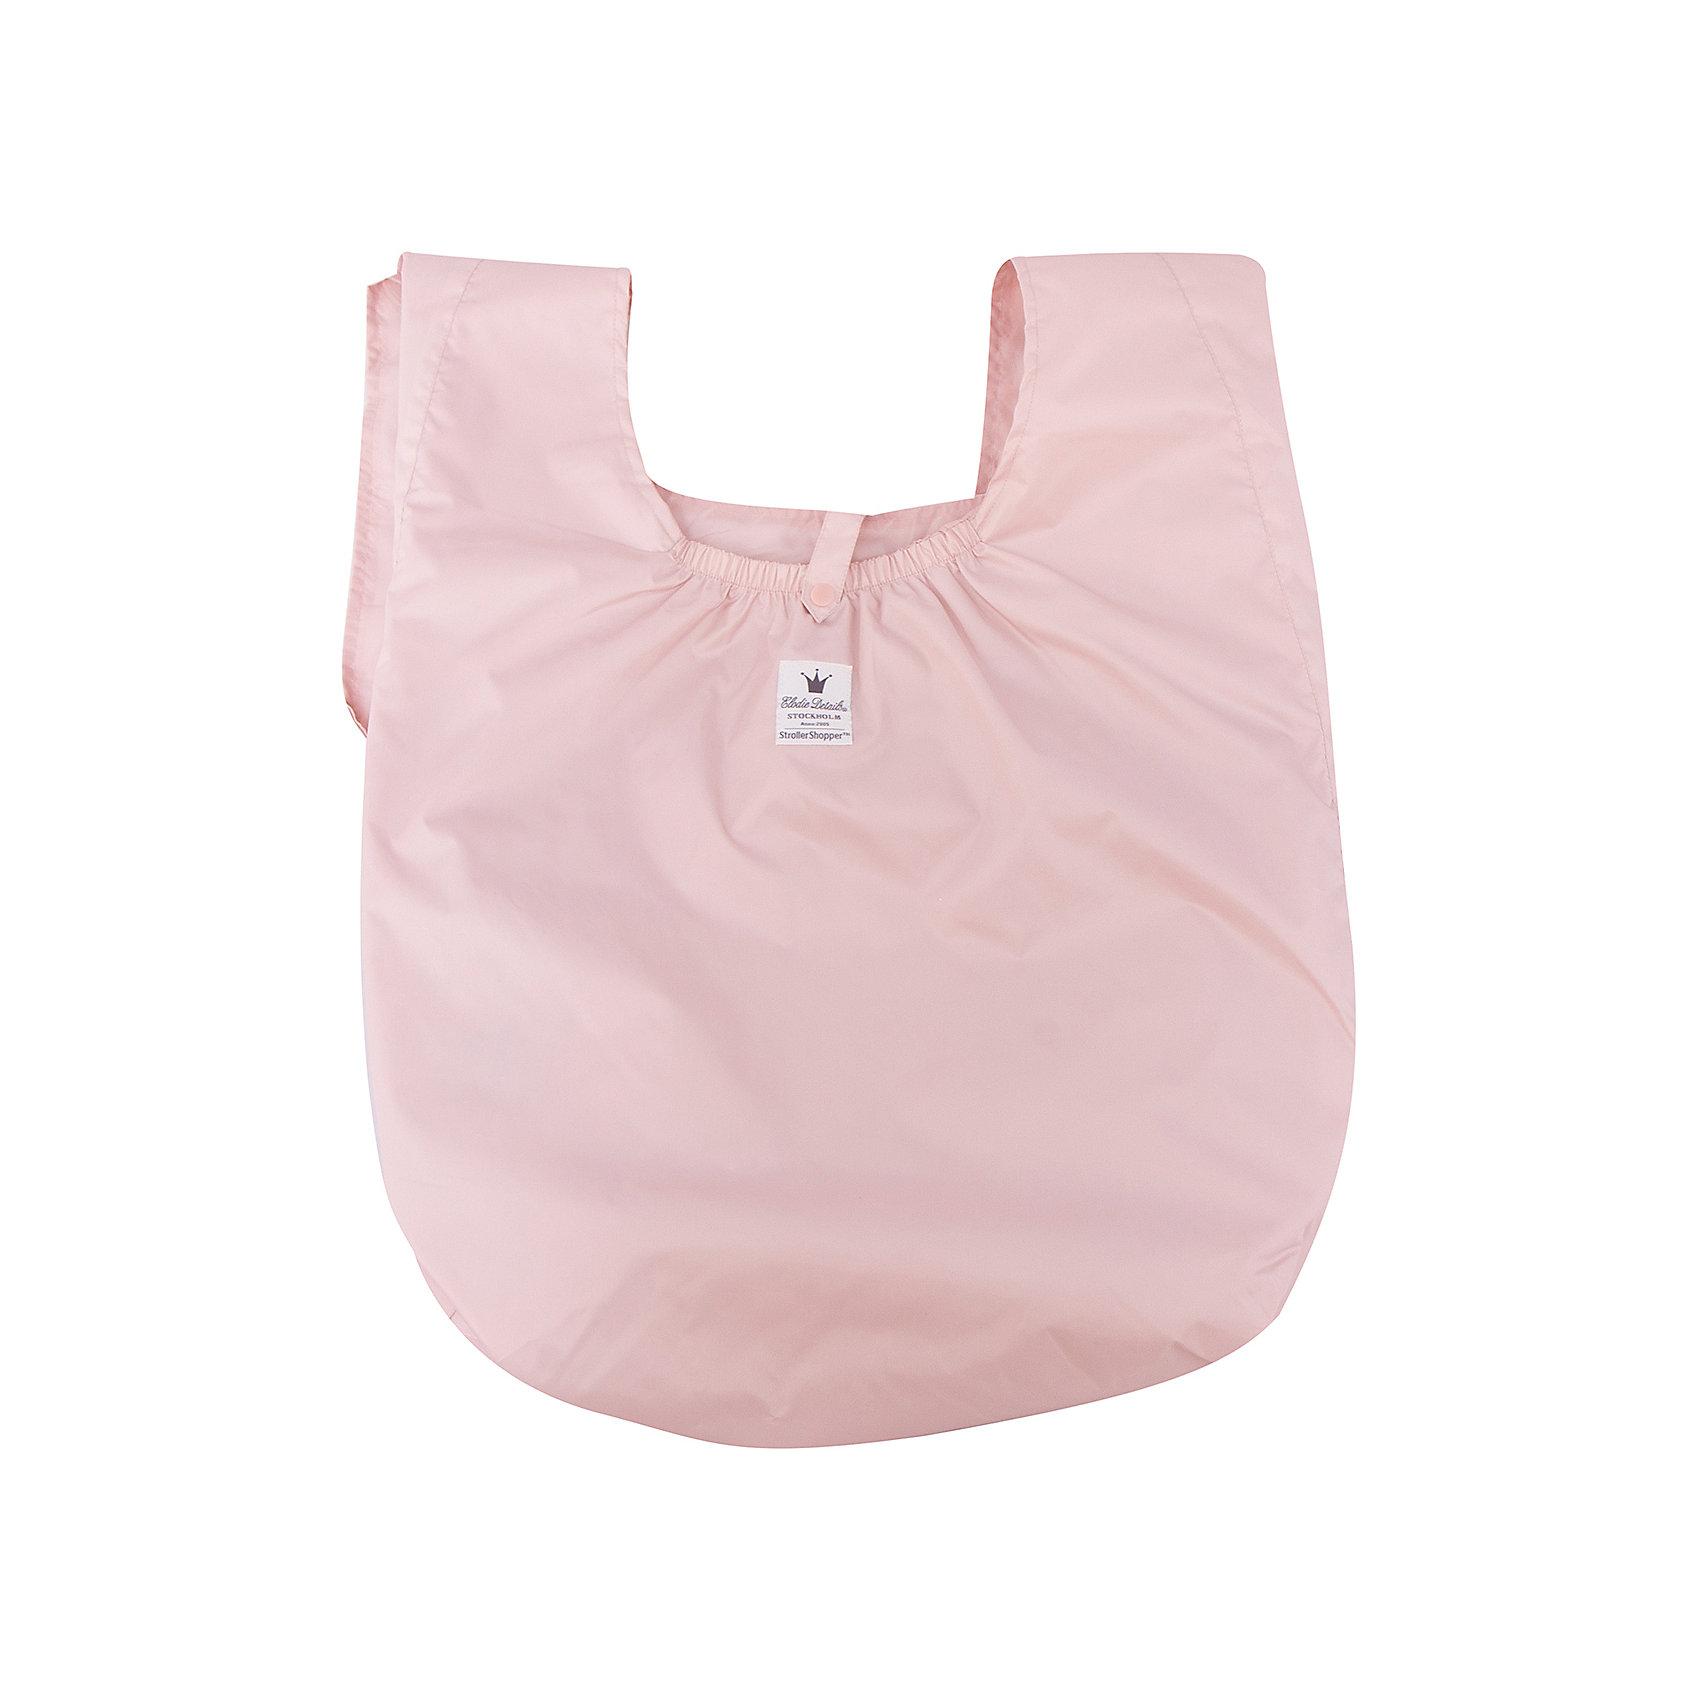 Сумка Powder Pink Stroller Shopper, Elodie Details